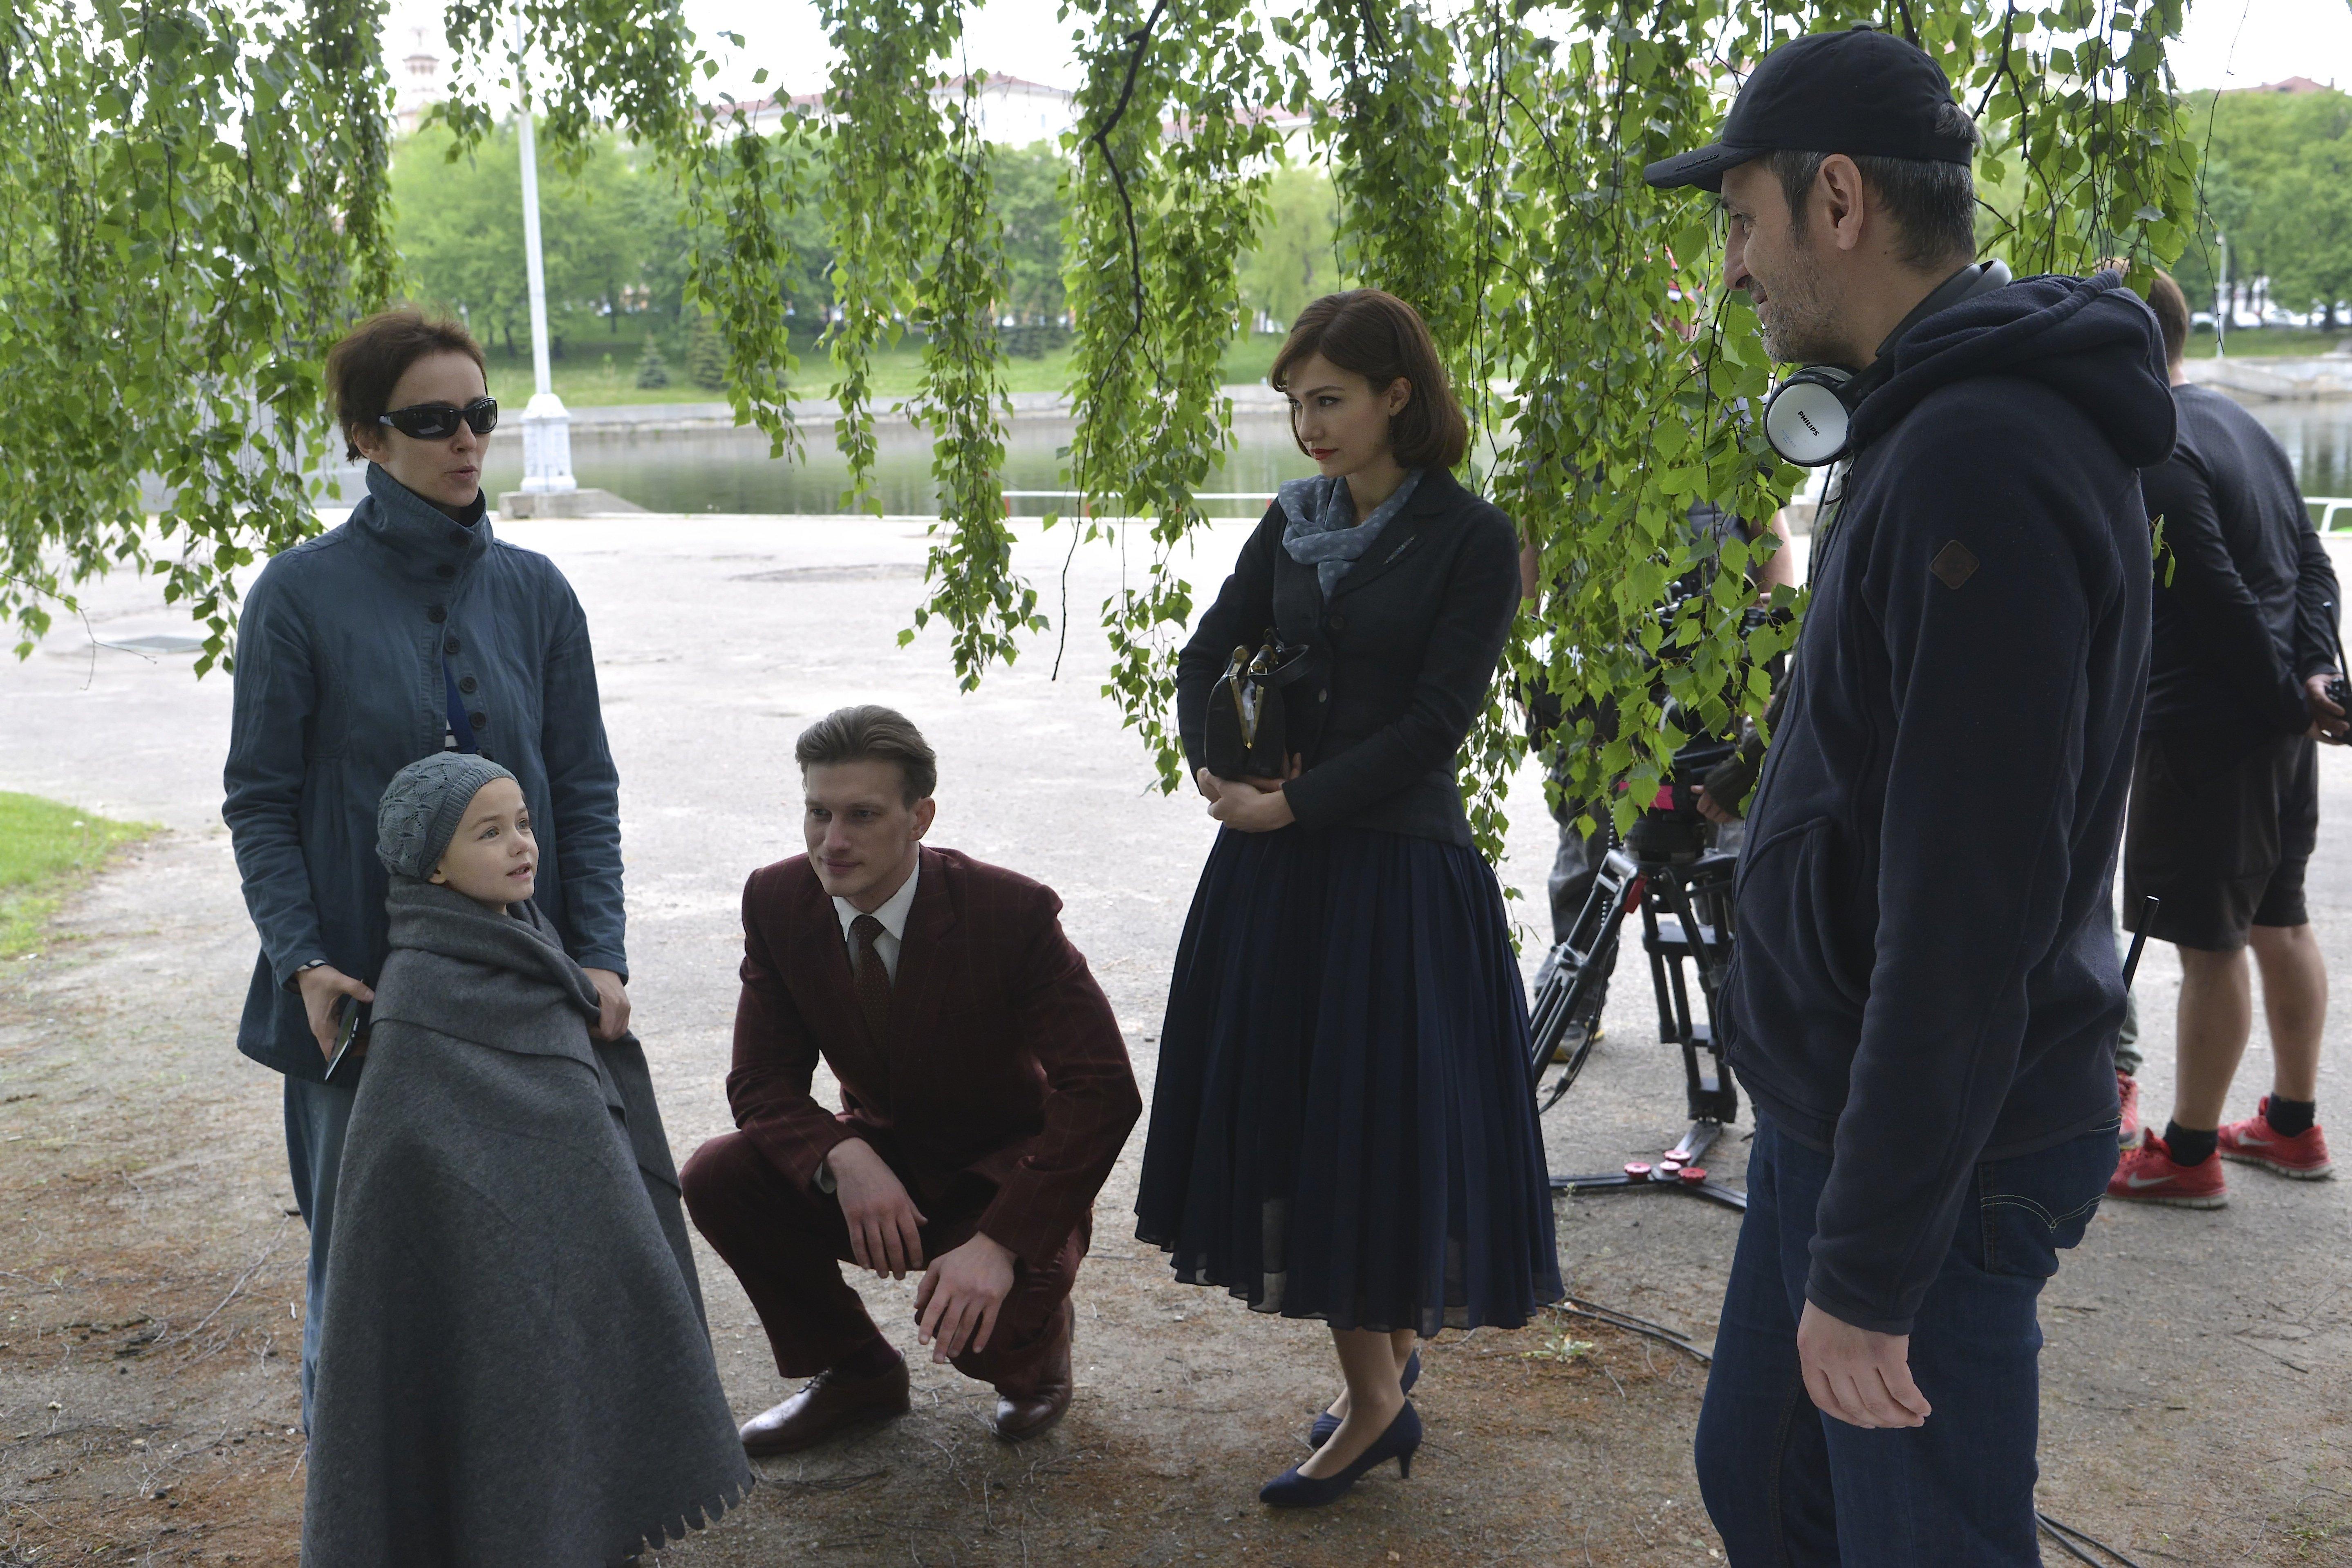 Алексей Попогребский: есть актеры, которые сами себе роют могилу